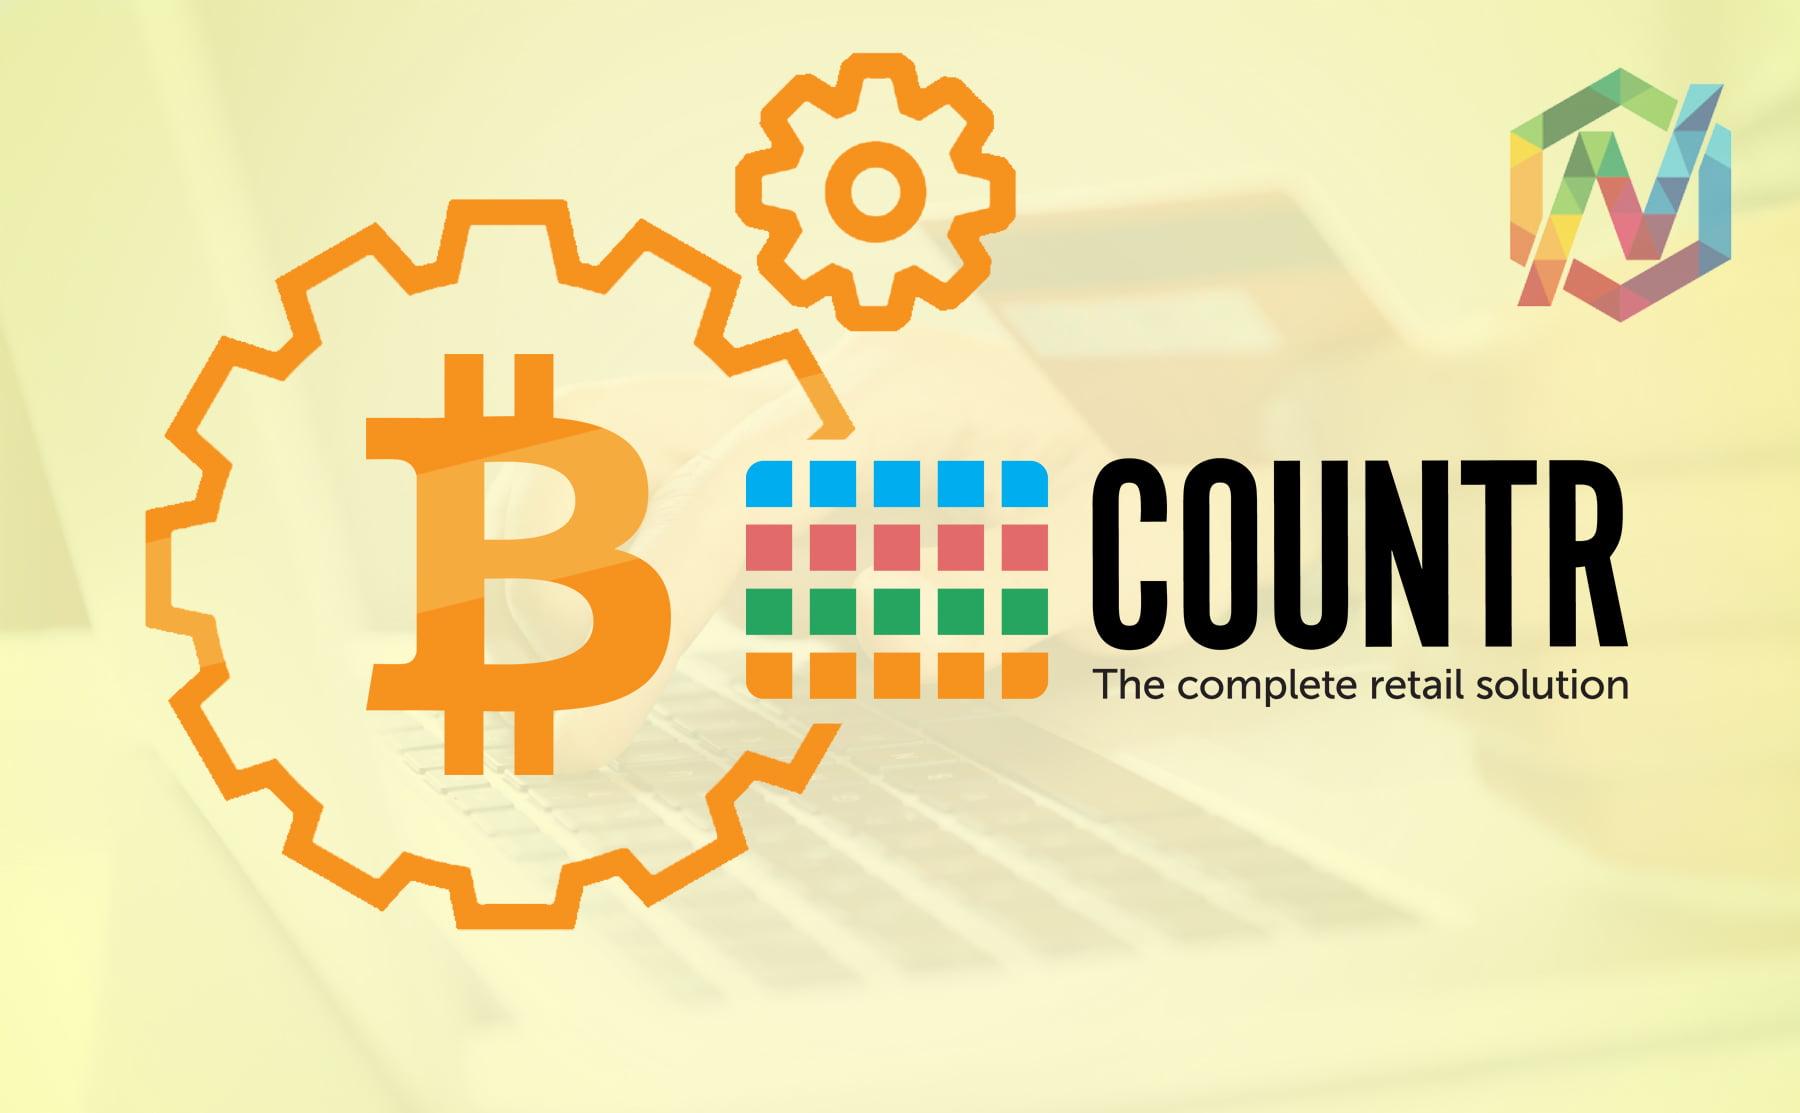 countr